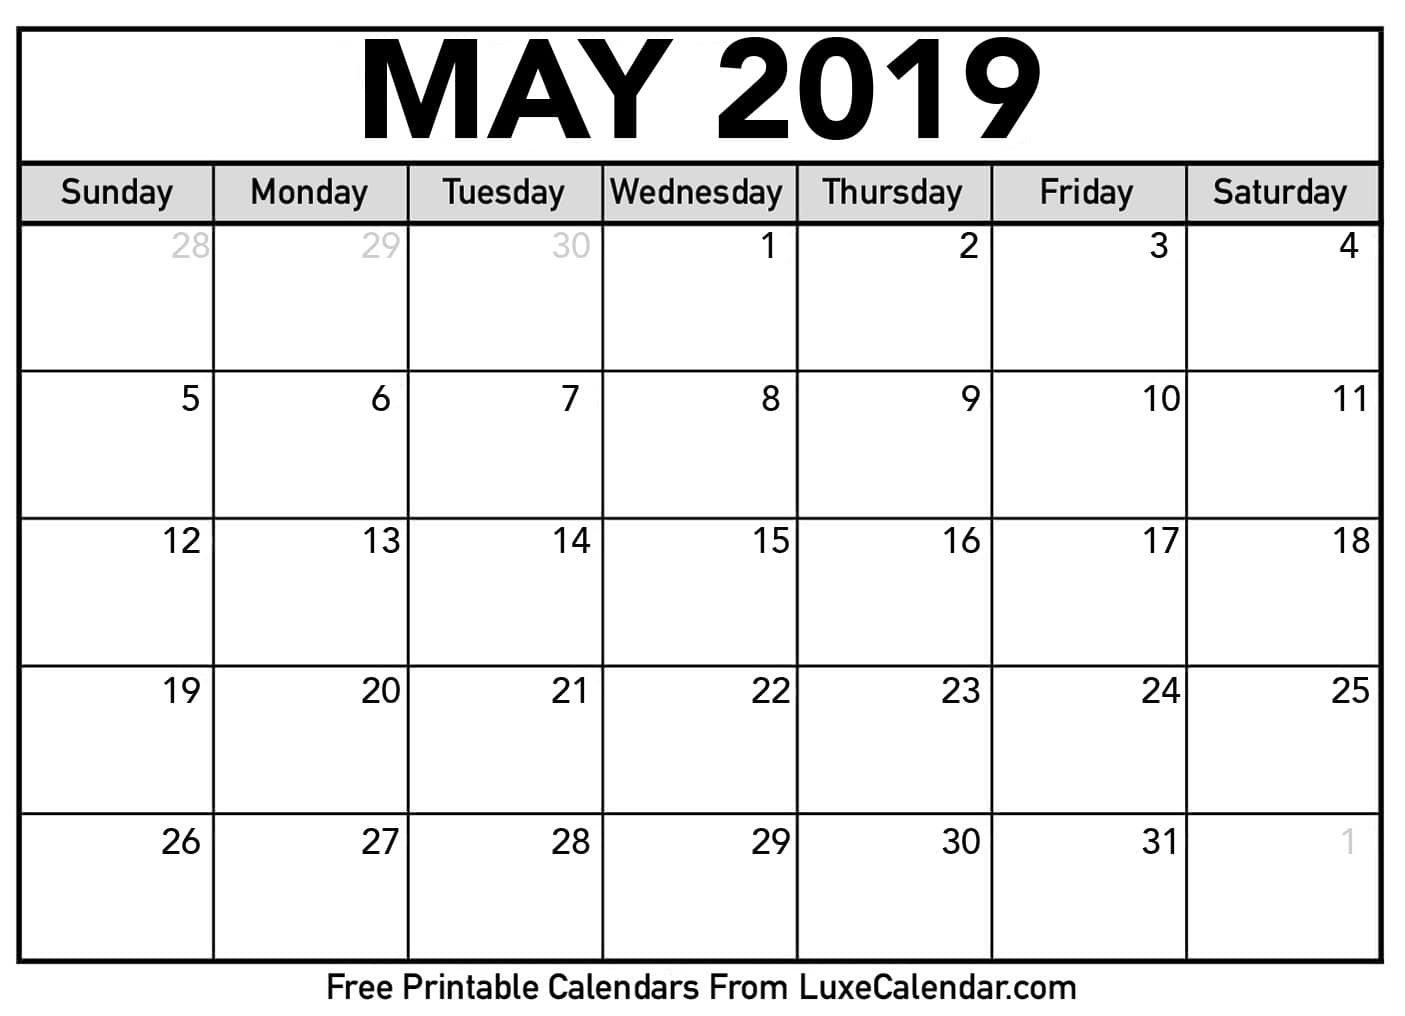 Blank May 2019 Printable Calendar – Luxe Calendar Calendar May 4 2019